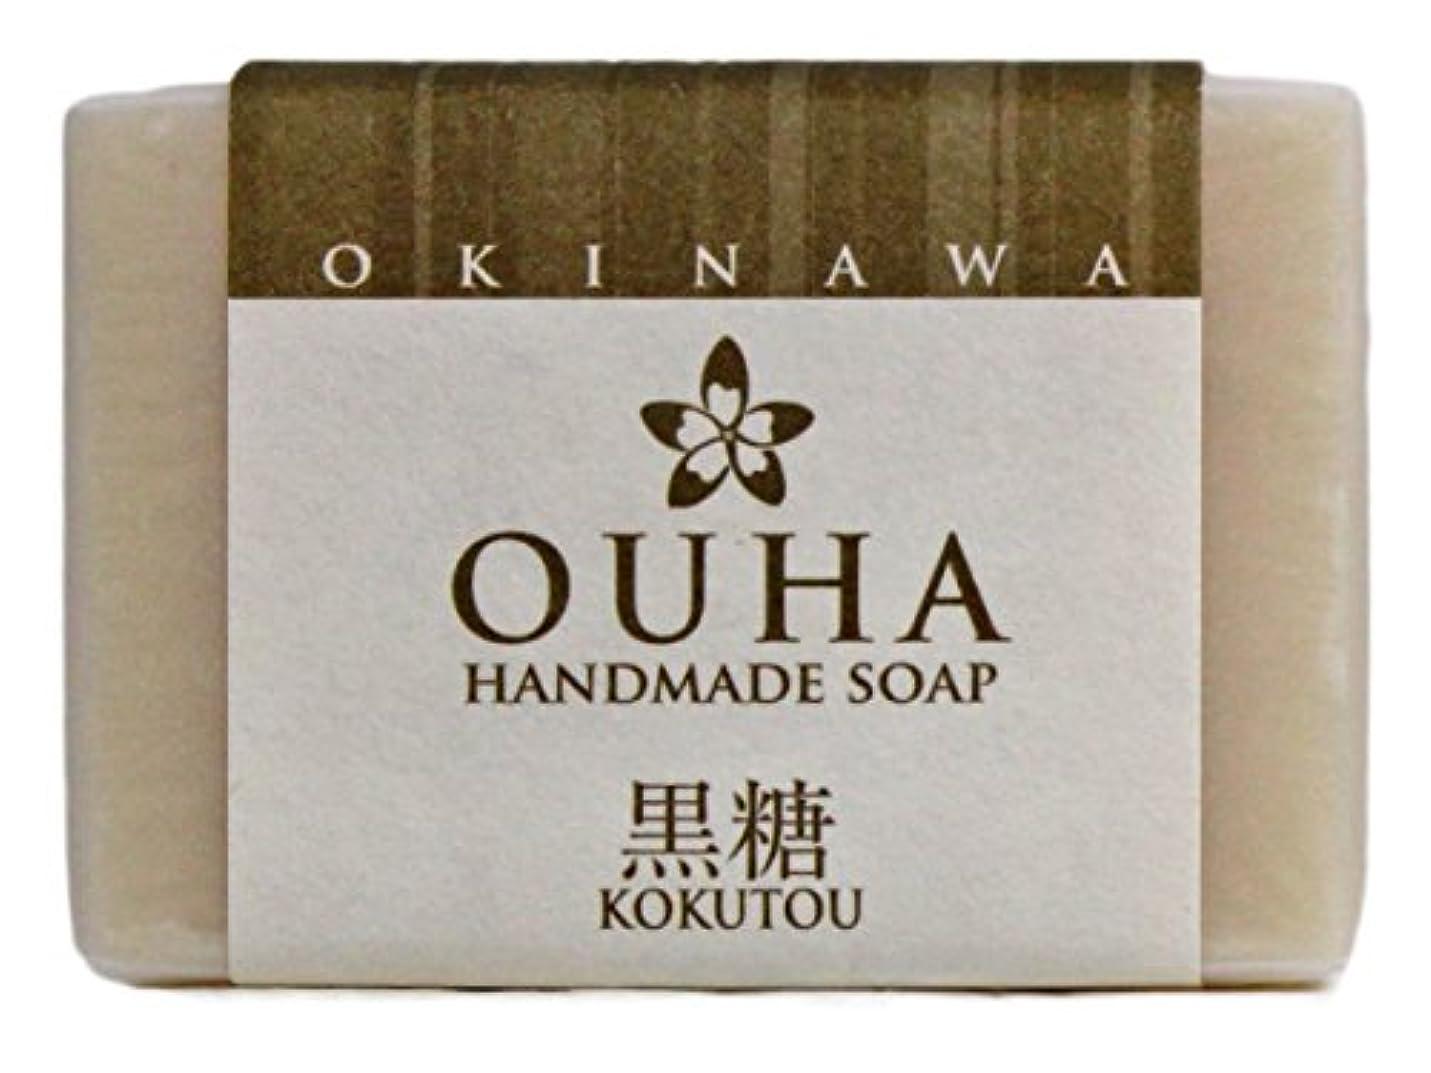 遅いありがたい拡声器沖縄手作り洗顔せっけん OUHAソープ 黒糖 47g